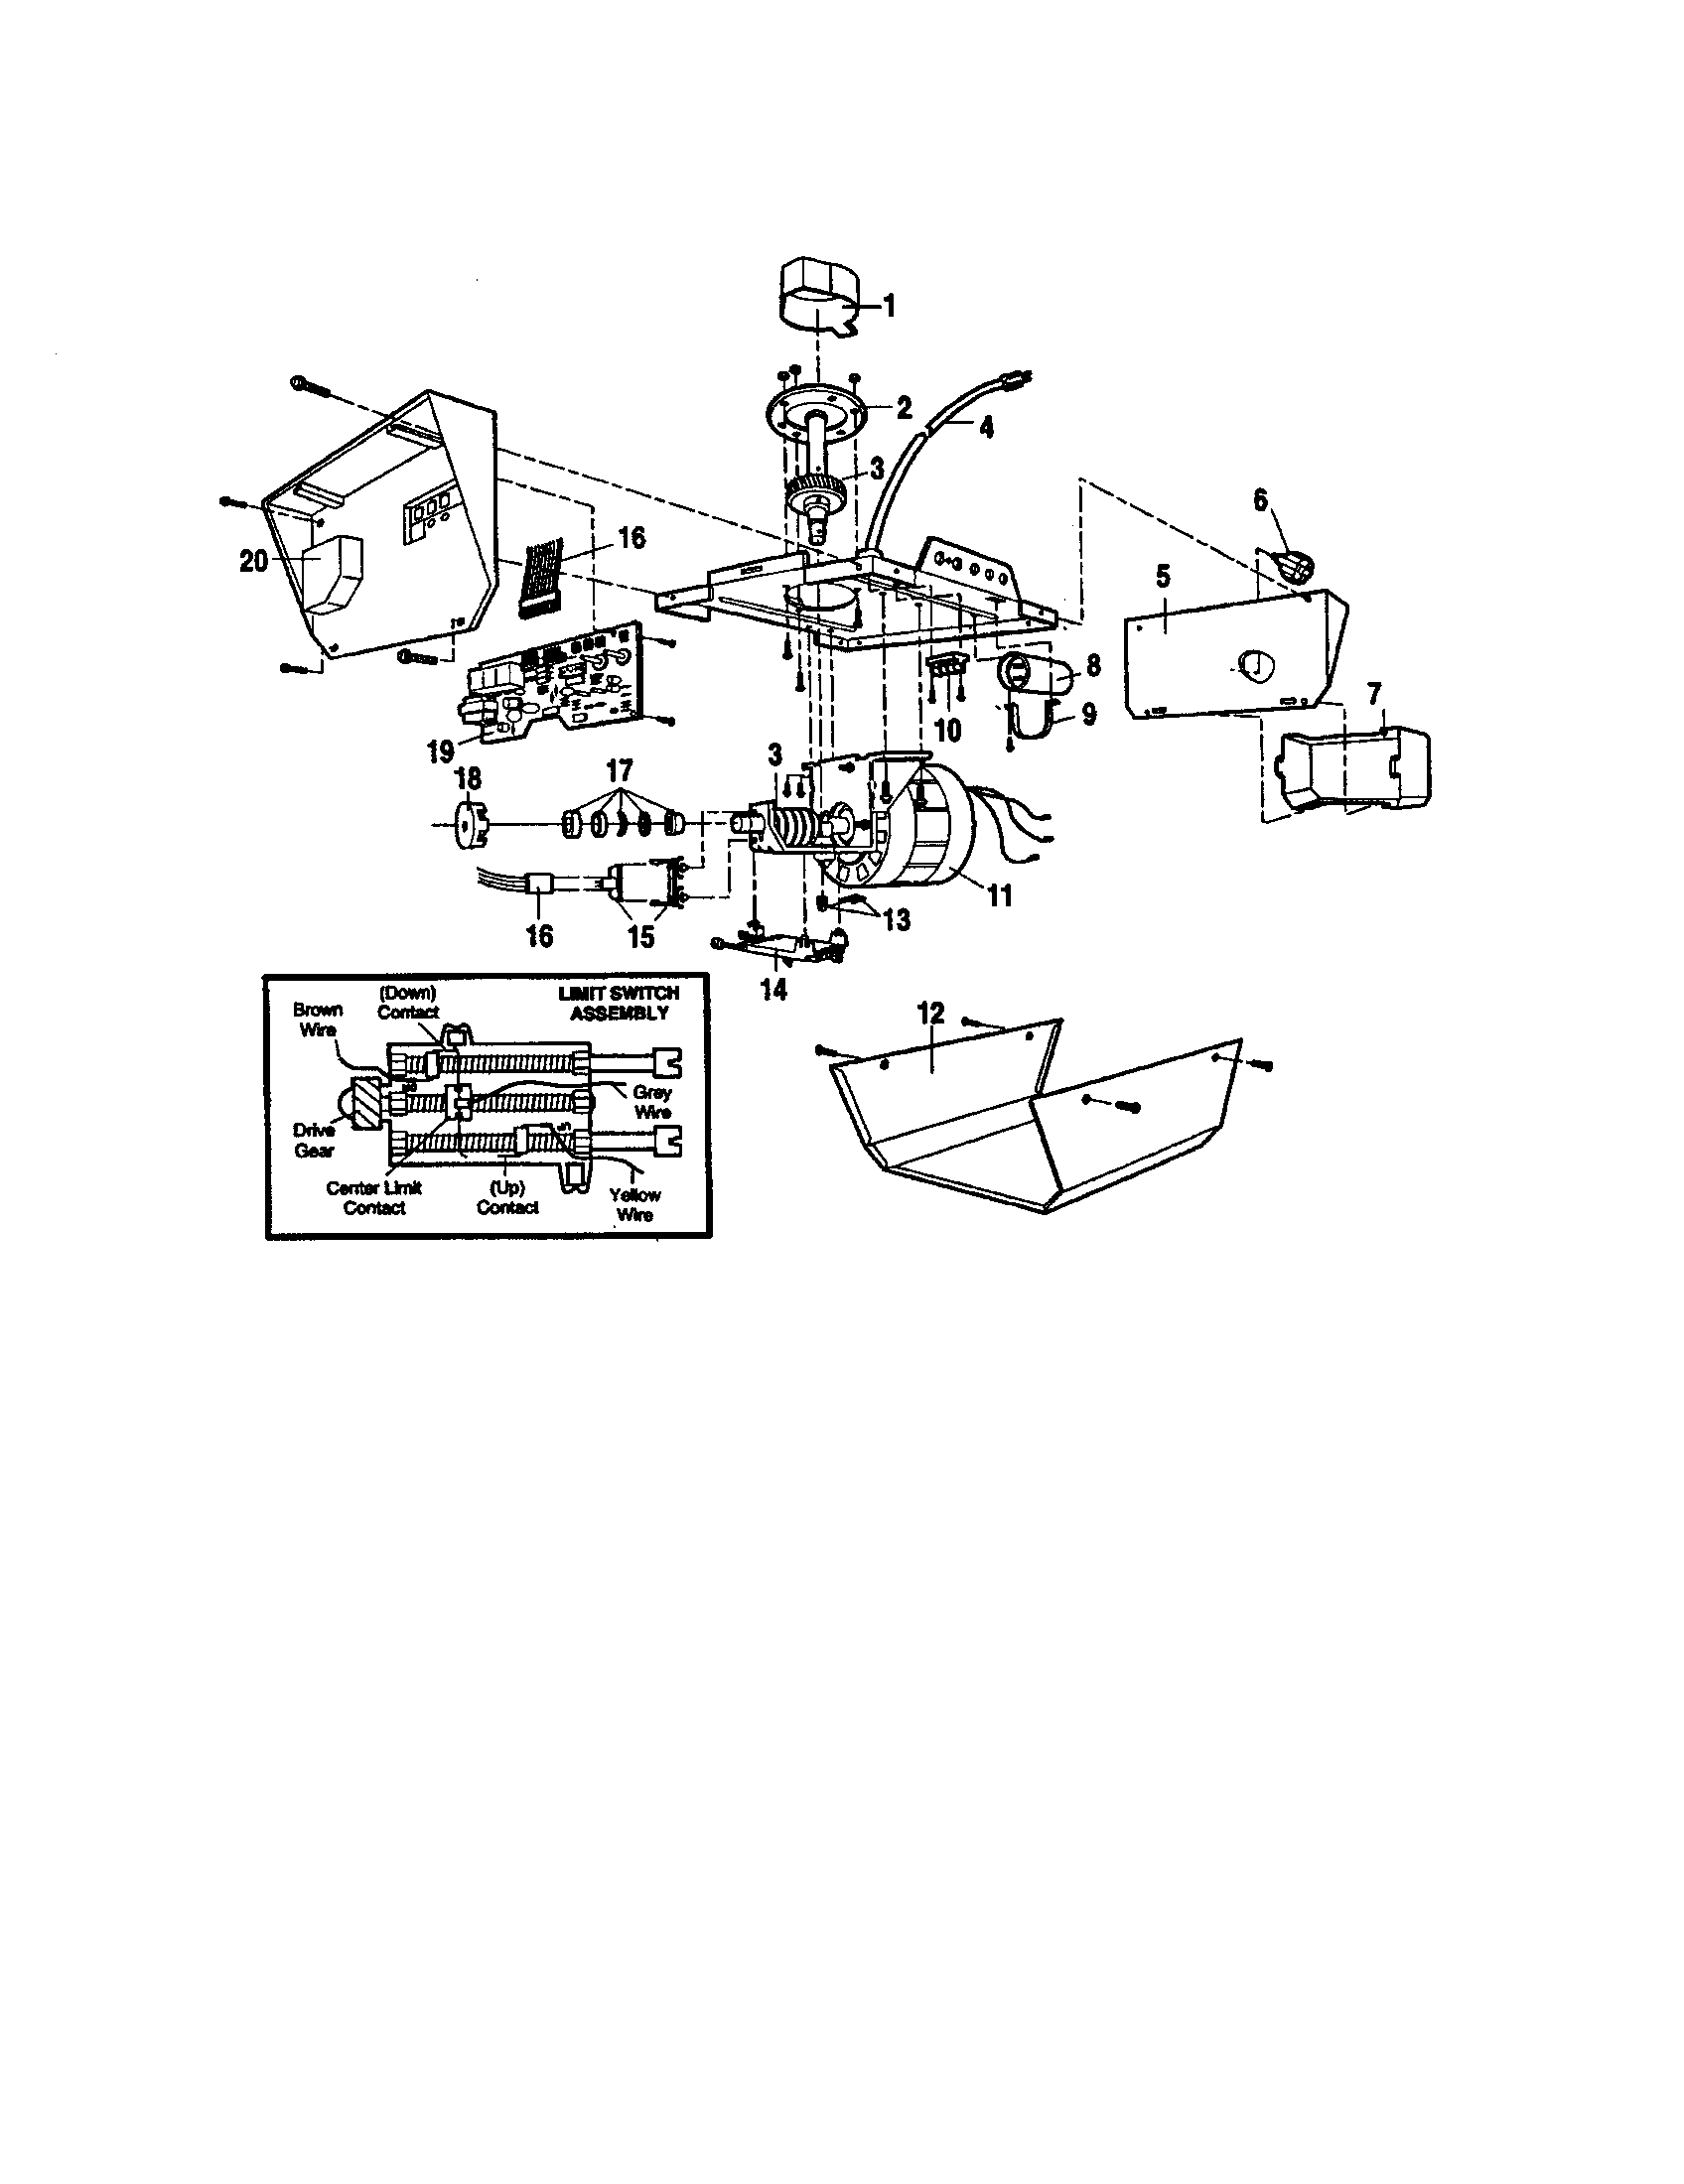 Garage Door Parts: Craftsman Garage Door Parts Diagram